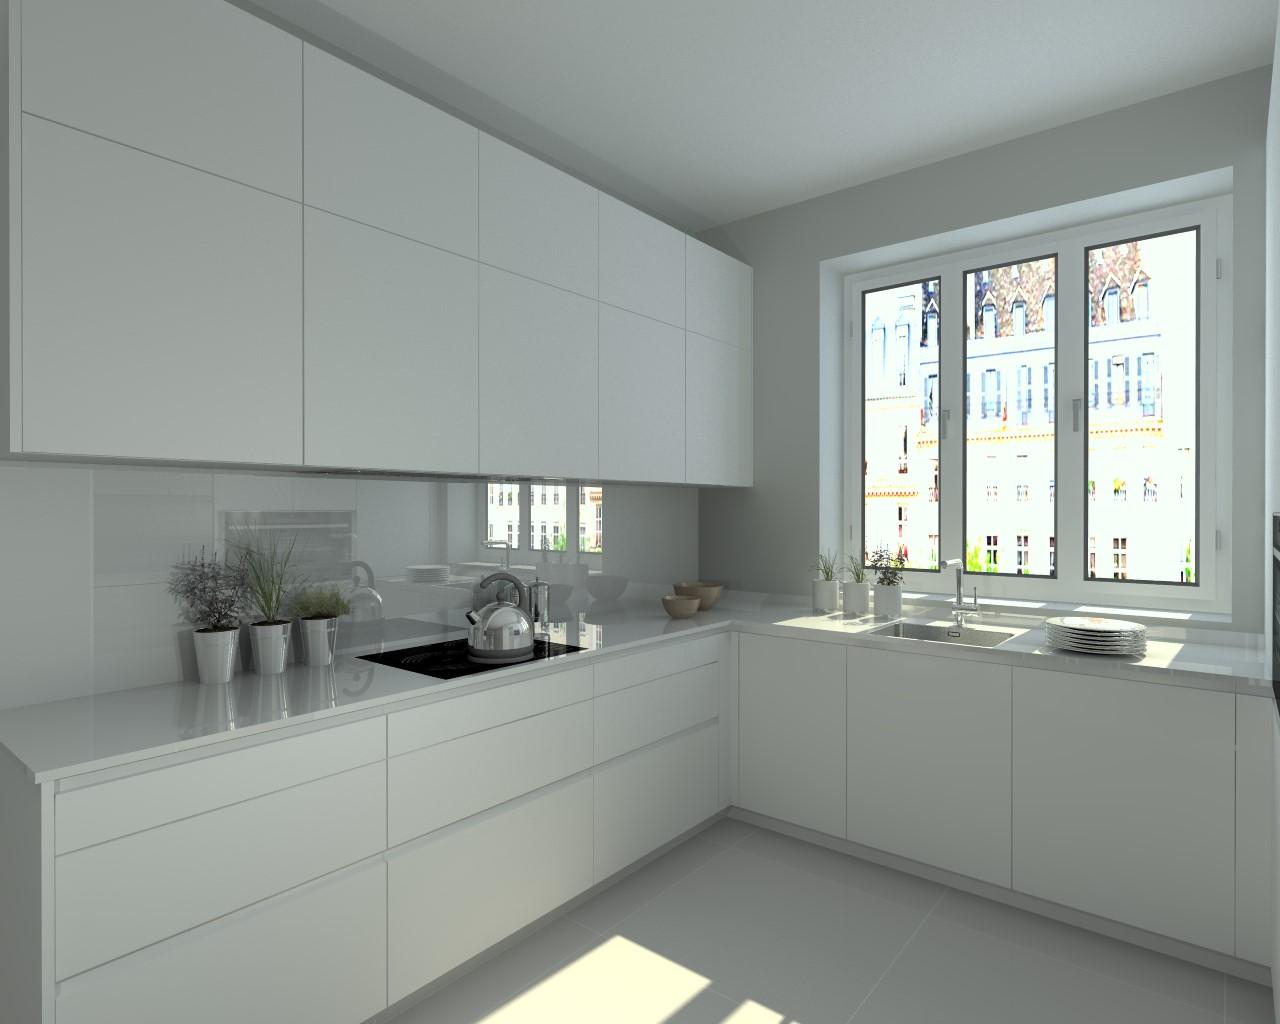 Aravaca cocina santos modelo line e blanco encimera - Cocinas con encimera de granito ...